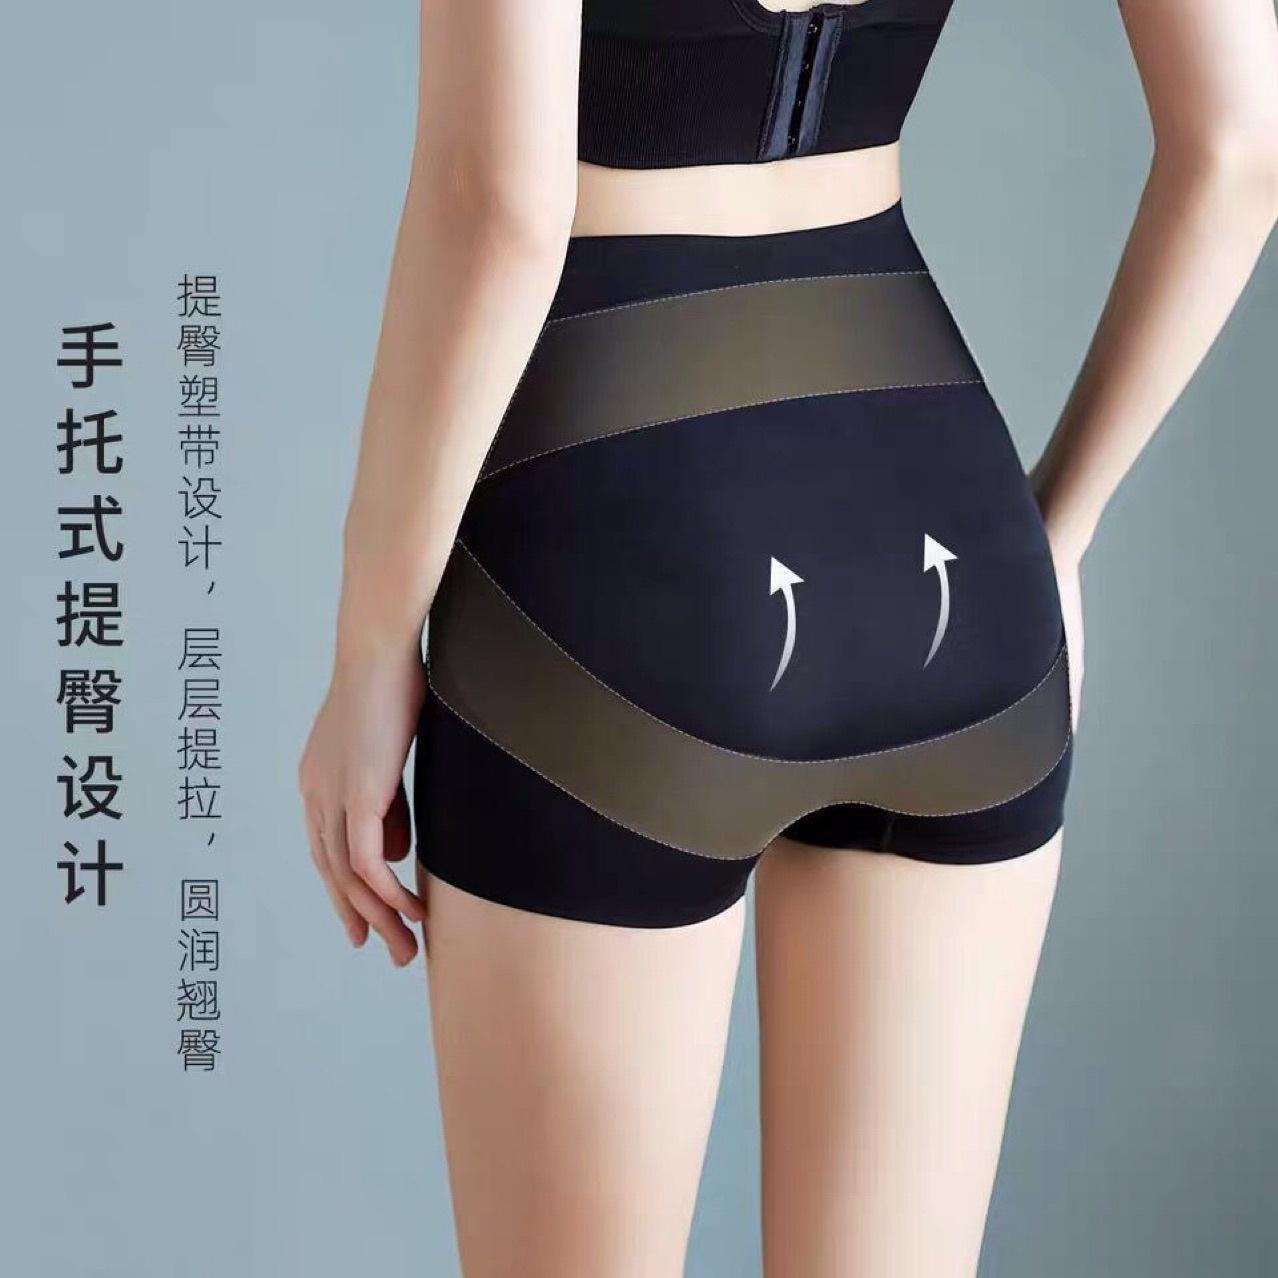 俞兆林收腹提臀裤打底高腰显瘦S型无痕不卷产后塑身女士健身S瑜伽淘宝优惠券